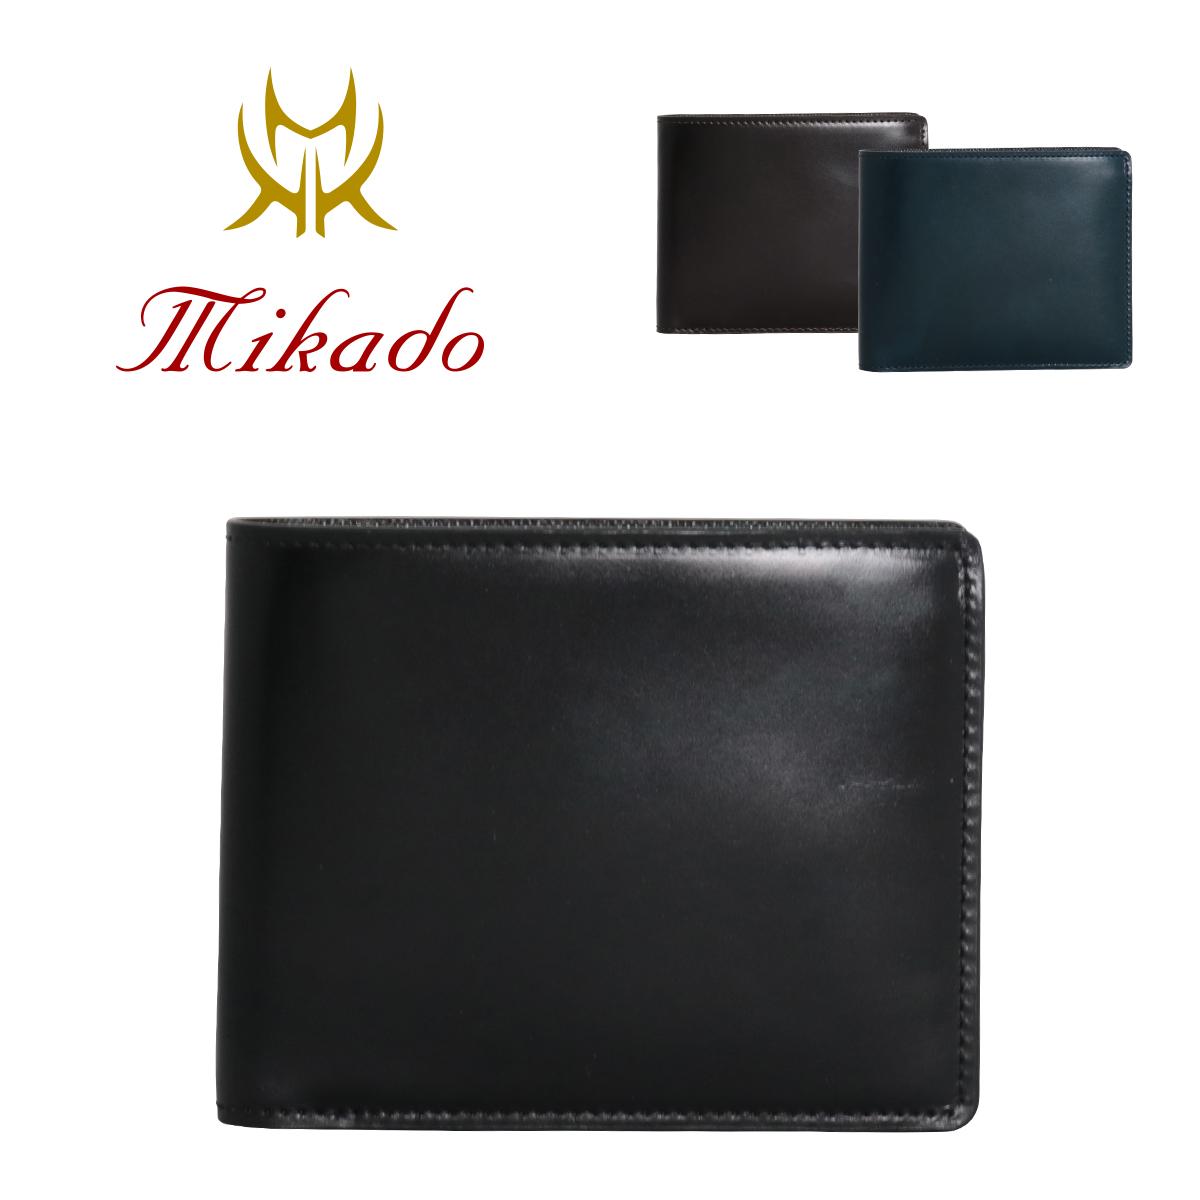 ミカド Mikado 二つ折り財布 638025 アリニンコードバン 【 財布 メンズ レザー 】[PO5][bef][即日発送]